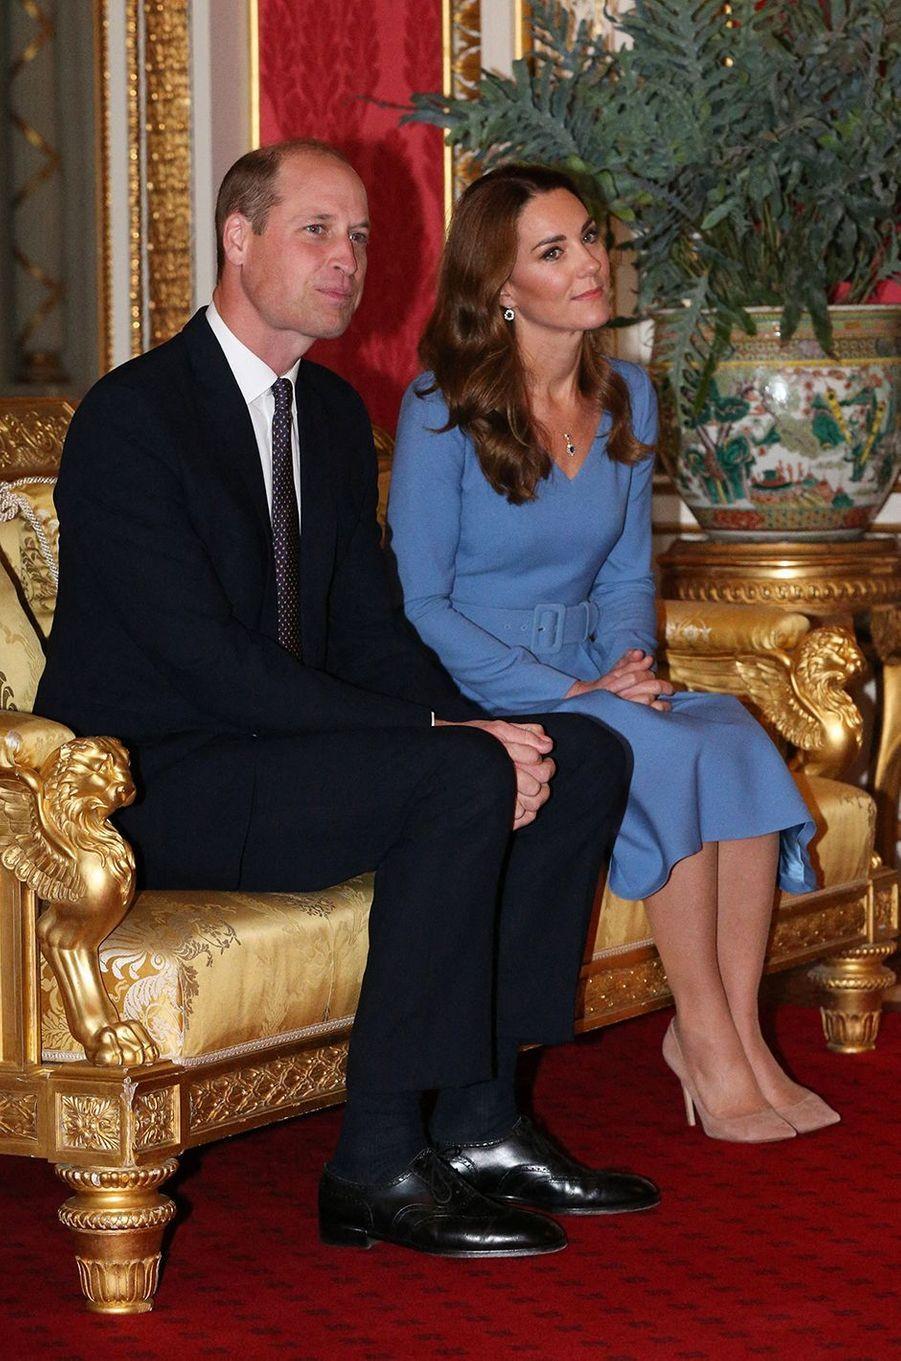 Le prince William et Kate Middletonreçoivent le président d'Ukraine, Volodymyr Zelensky, et sa femme Olena à Buckingham Palace à Londres, le 7 octobre 2020